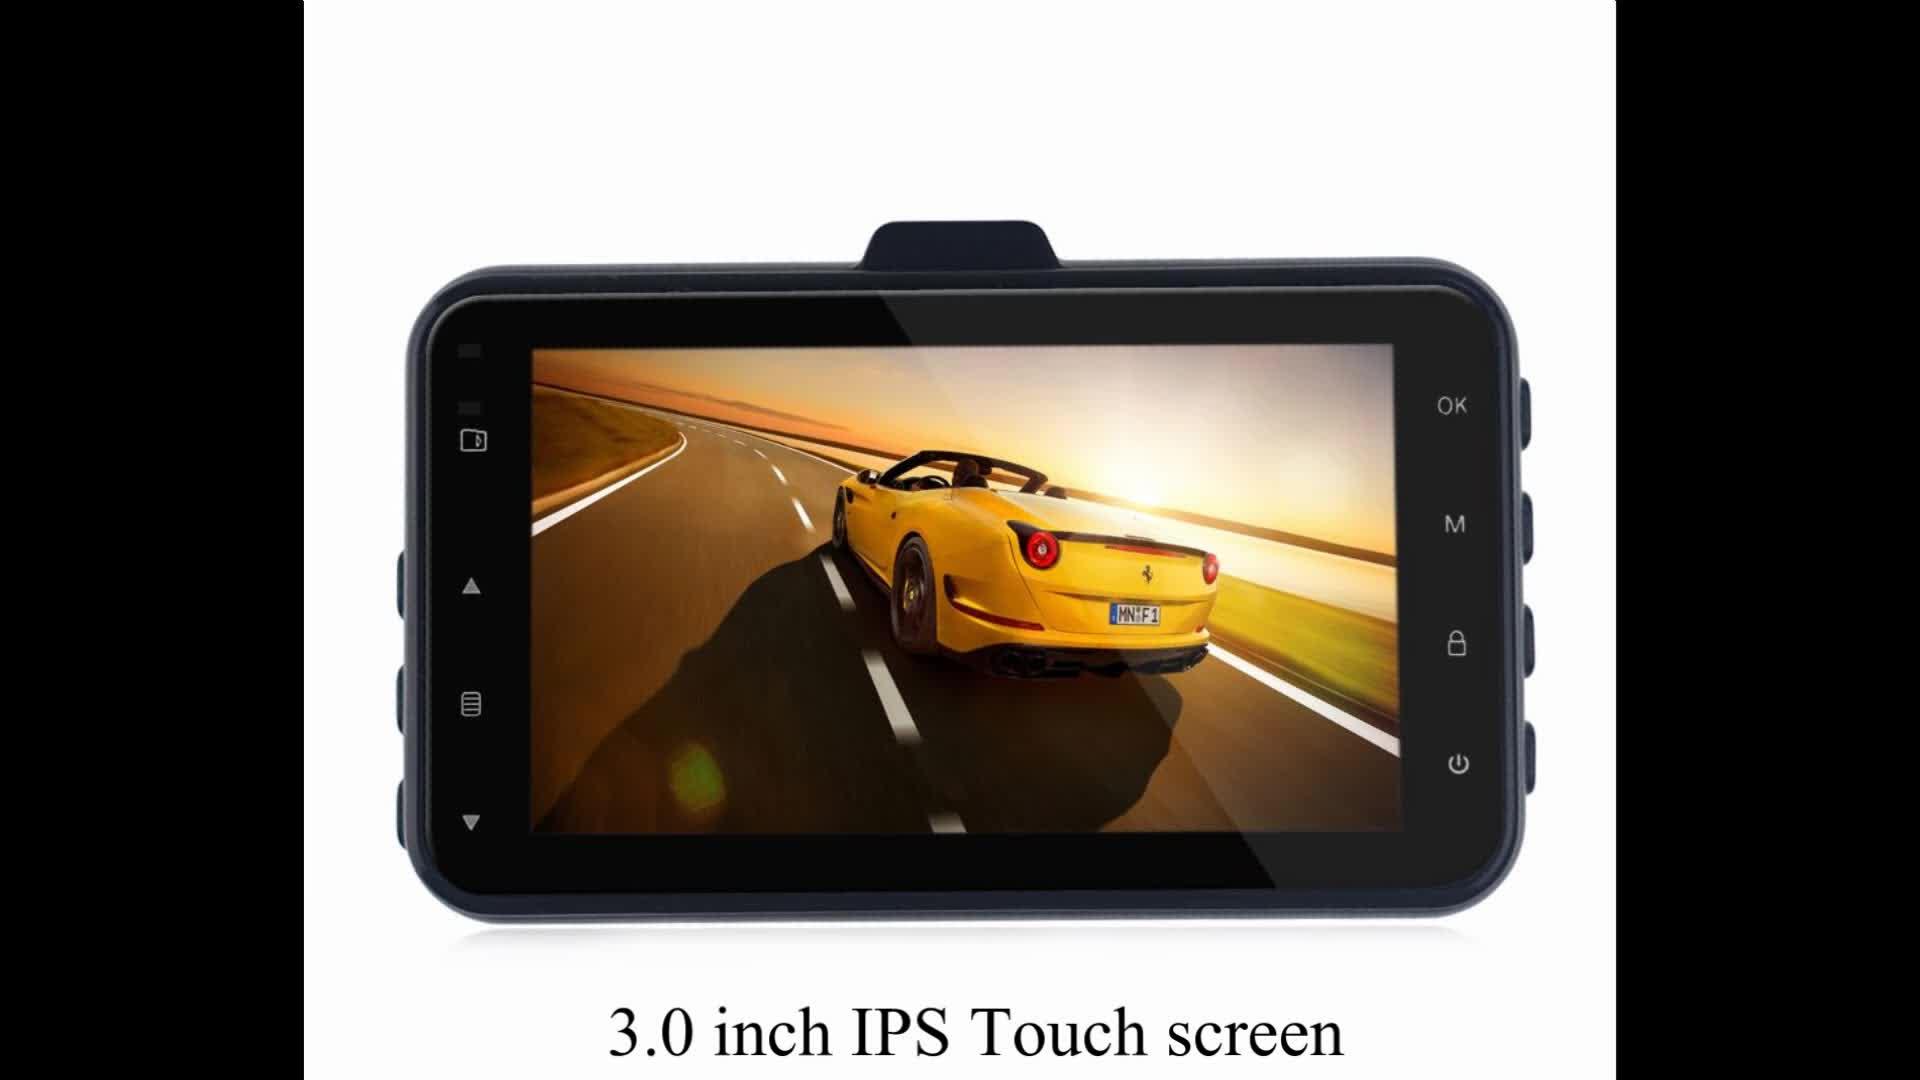 GPS 追跡駐車制御ダッシュカム G6 プライベートモデルブラックボックスフル HD1296P 車カメラ ADAS デュアルカム G センサー